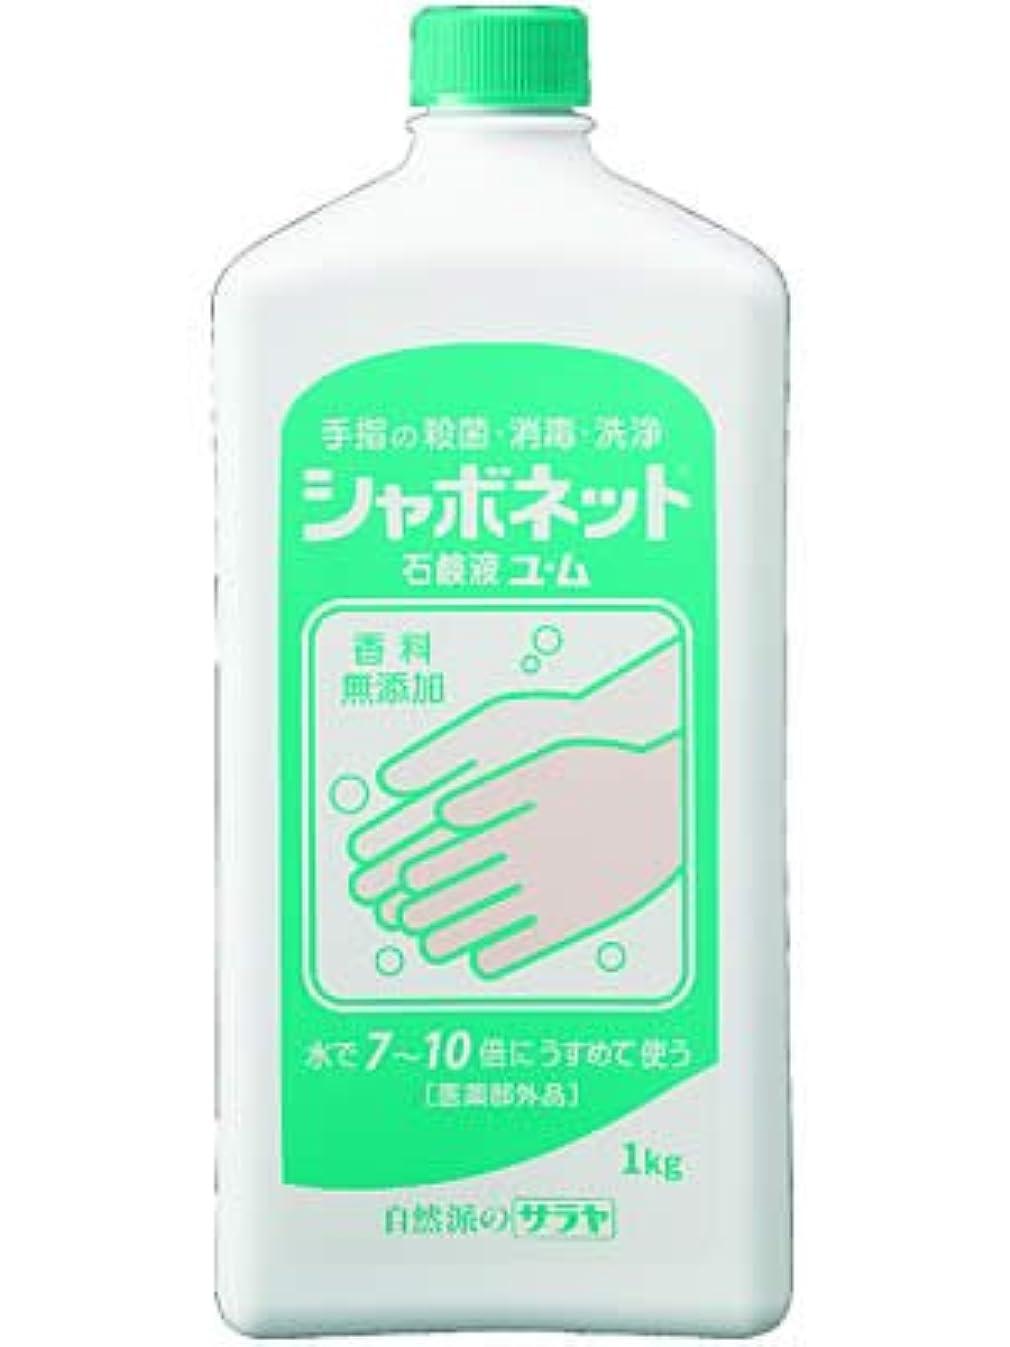 もっともらしいトラフィックやさしいシャボネット 石鹸液 ユ?ム 1kg ×3個セット